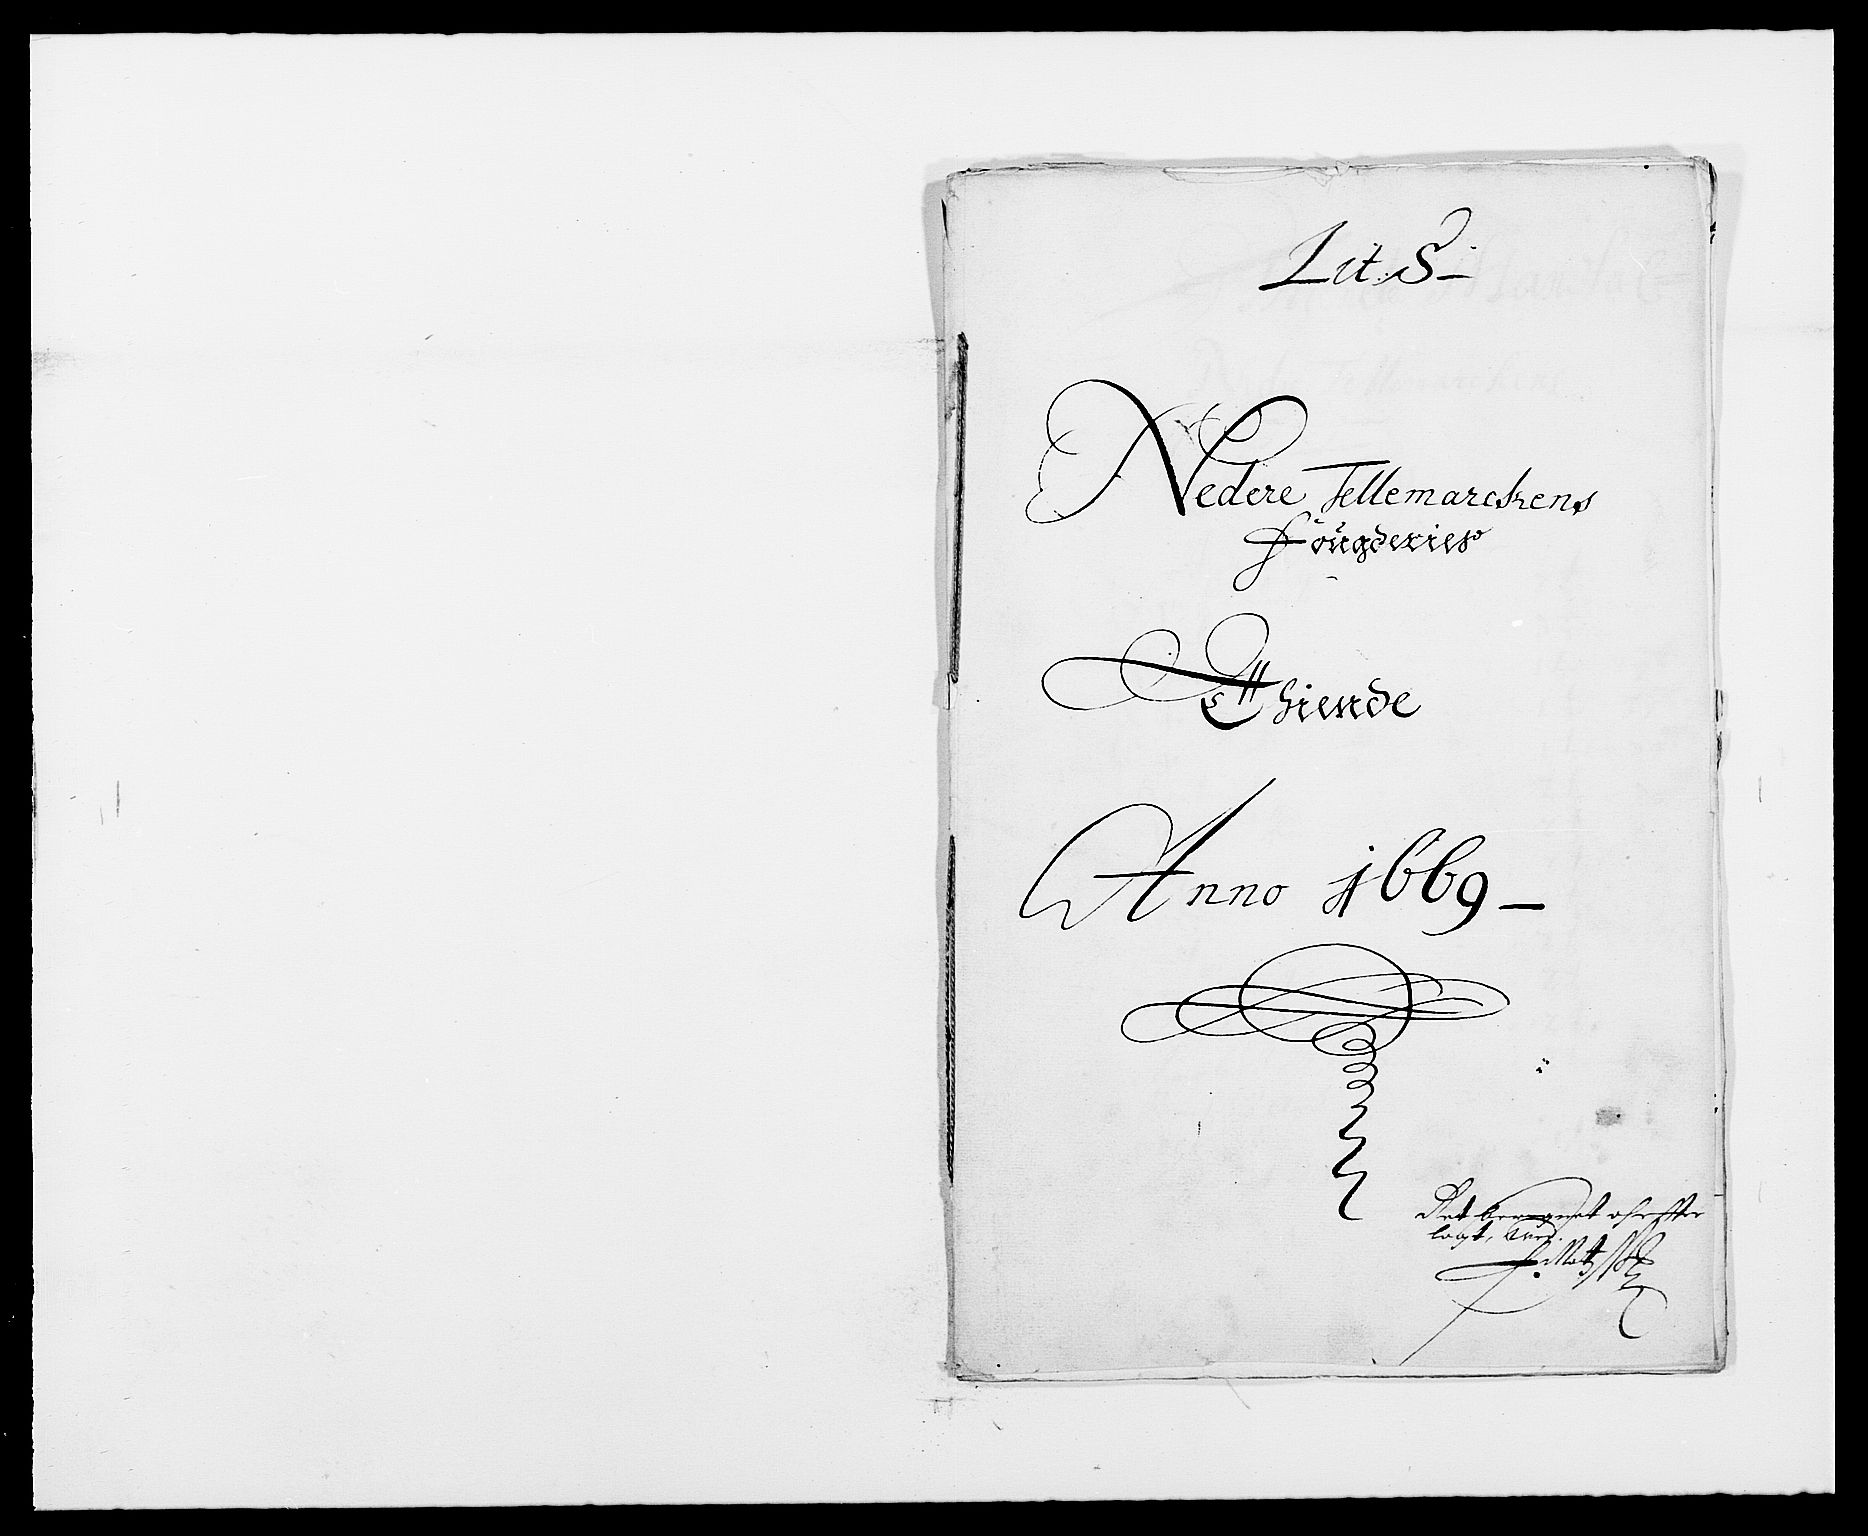 RA, Rentekammeret inntil 1814, Reviderte regnskaper, Fogderegnskap, R35/L2058: Fogderegnskap Øvre og Nedre Telemark, 1668-1670, s. 364